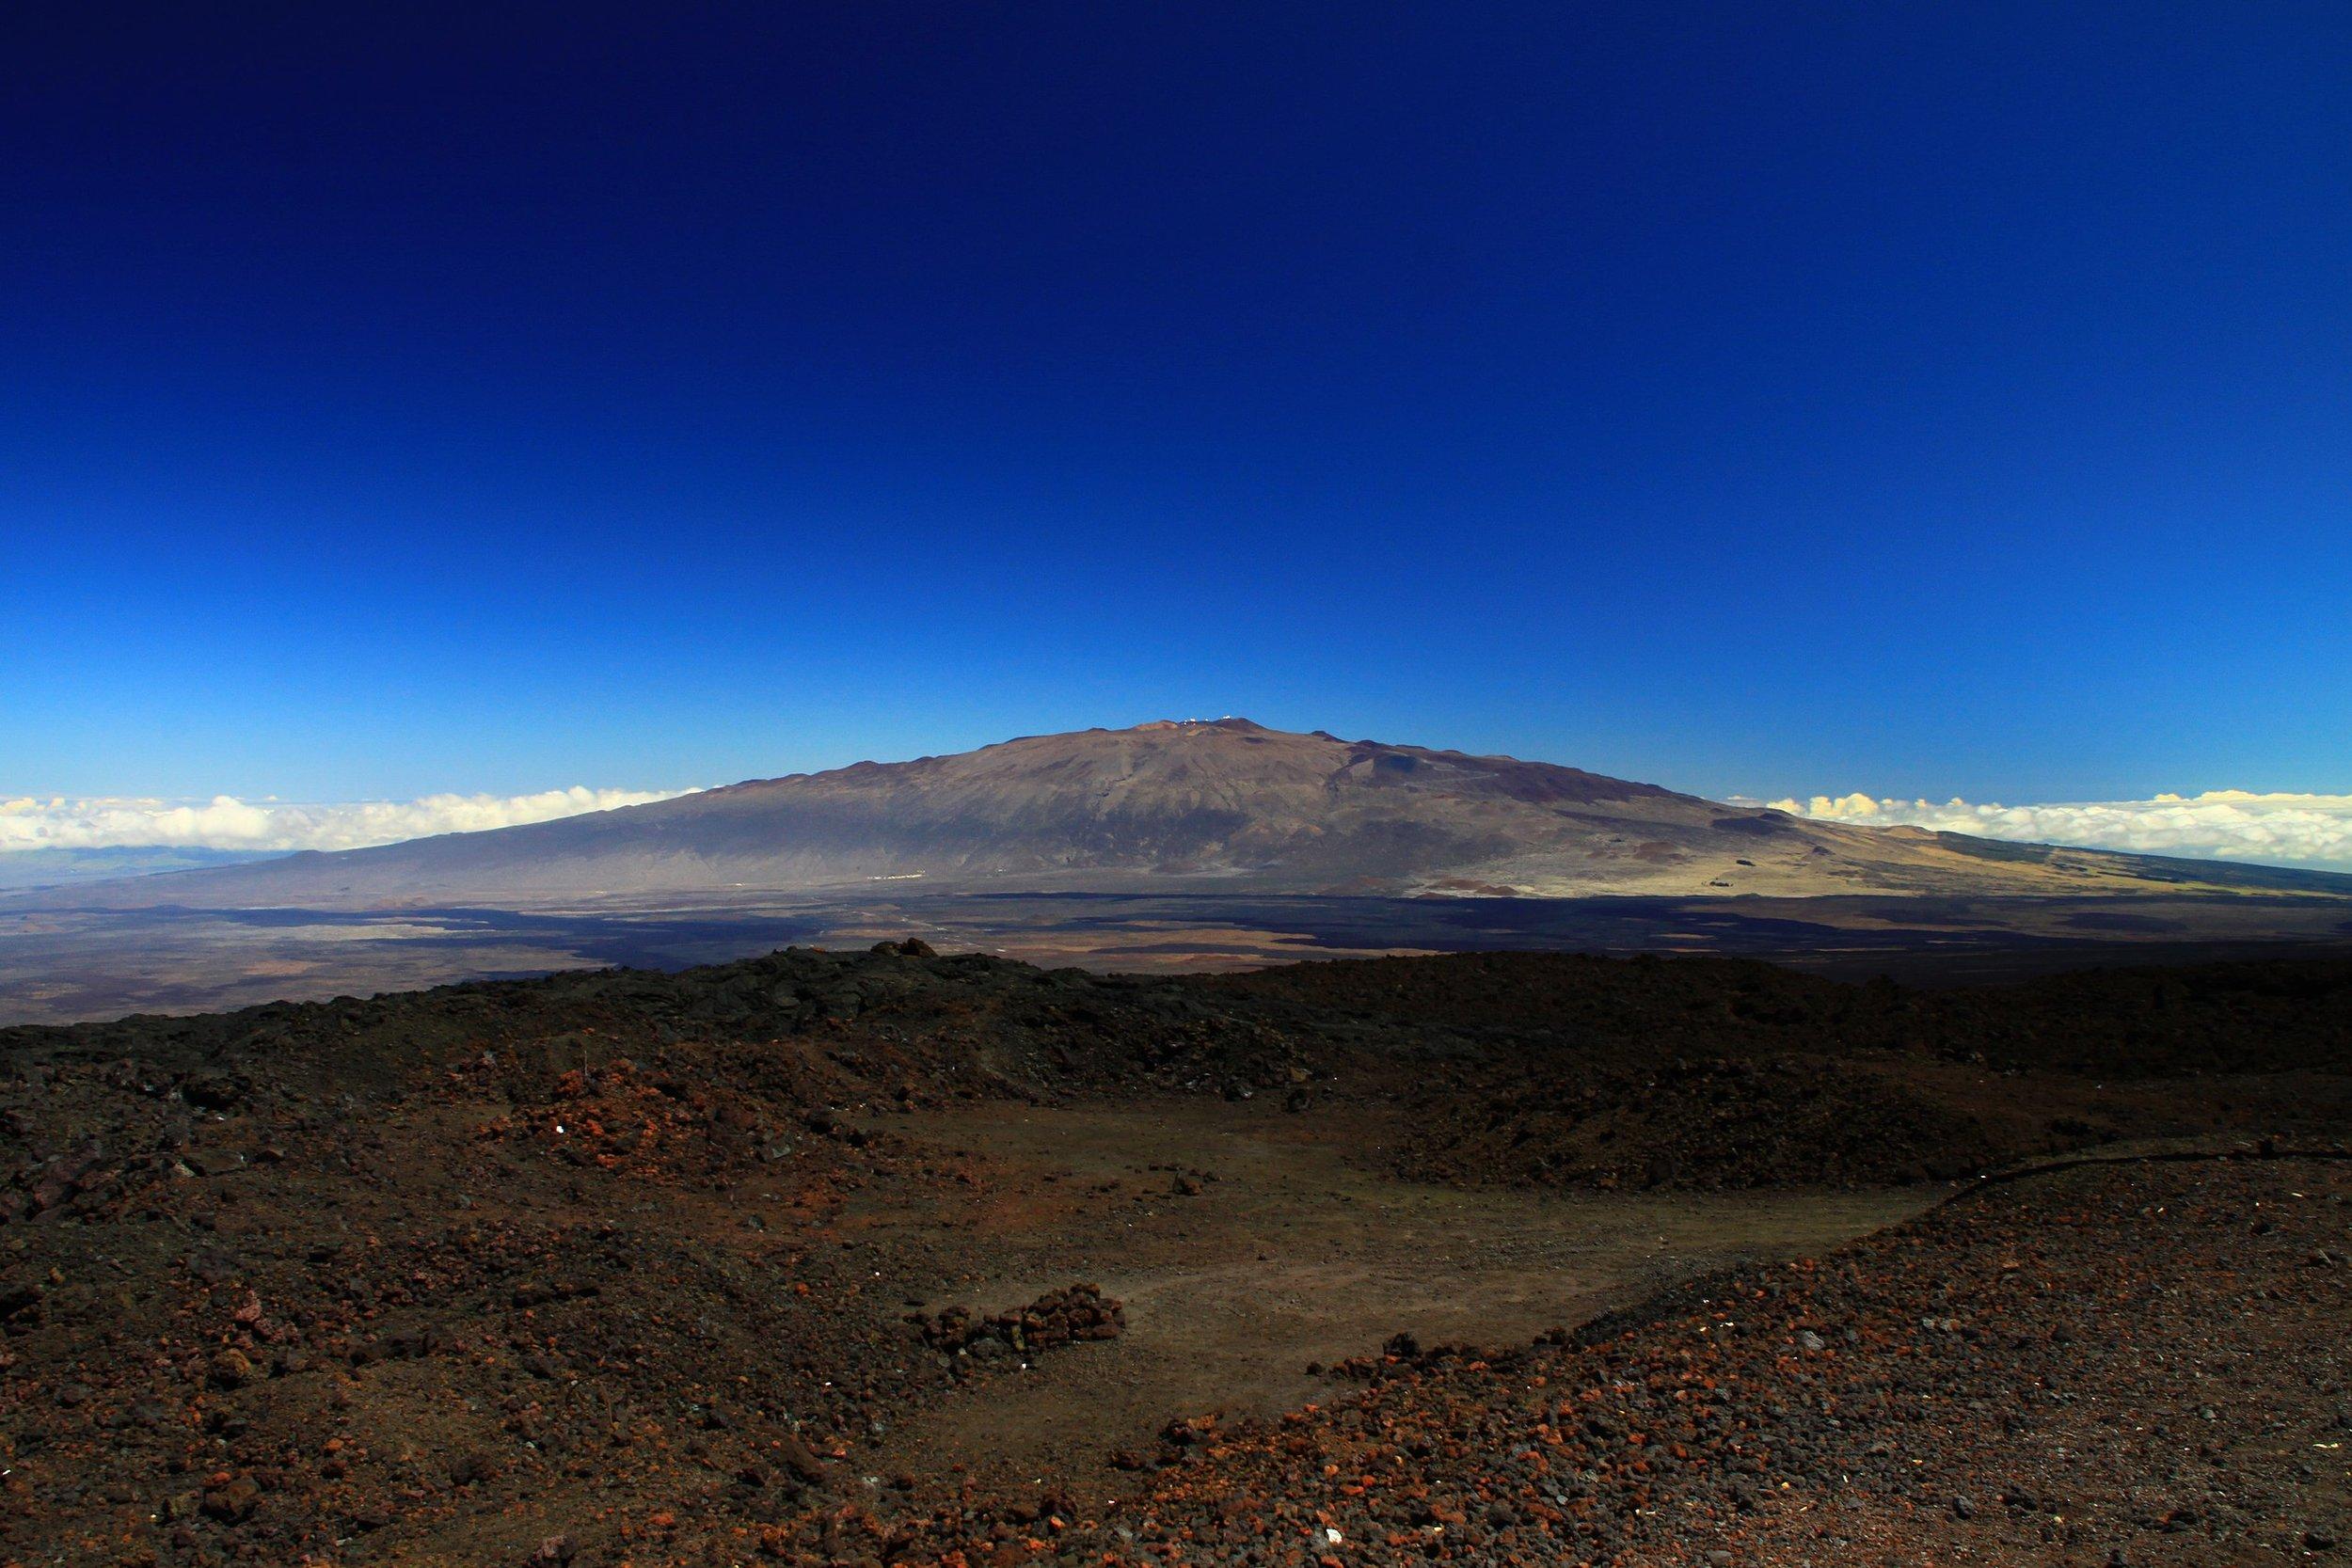 2560px-Mauna_Kea_from_Mauna_Loa_Observatory,_Hawaii_-_20100913.jpg